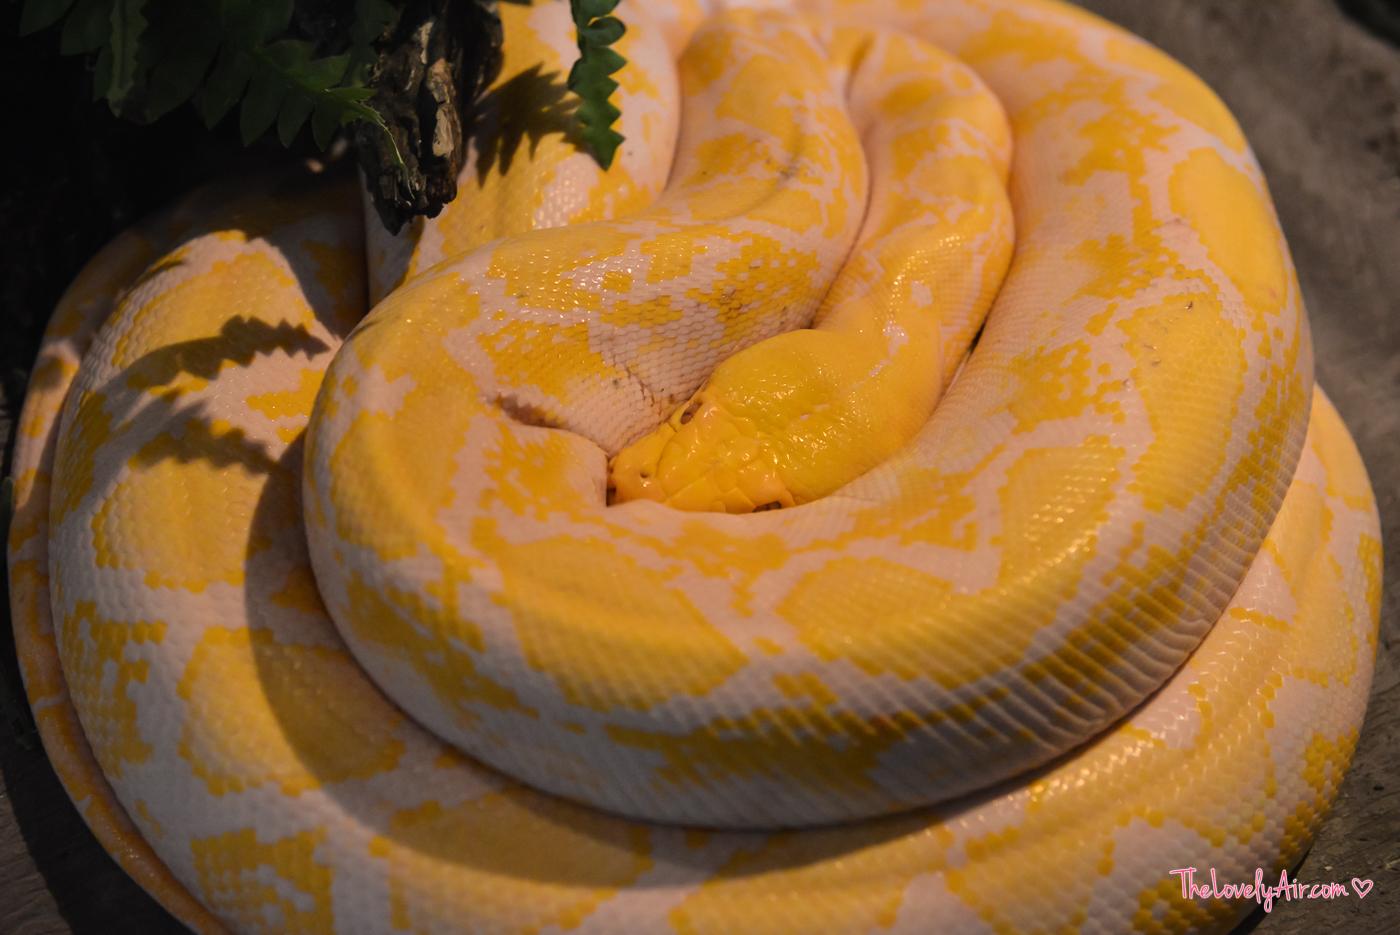 Siam Serpentarium RZ-24